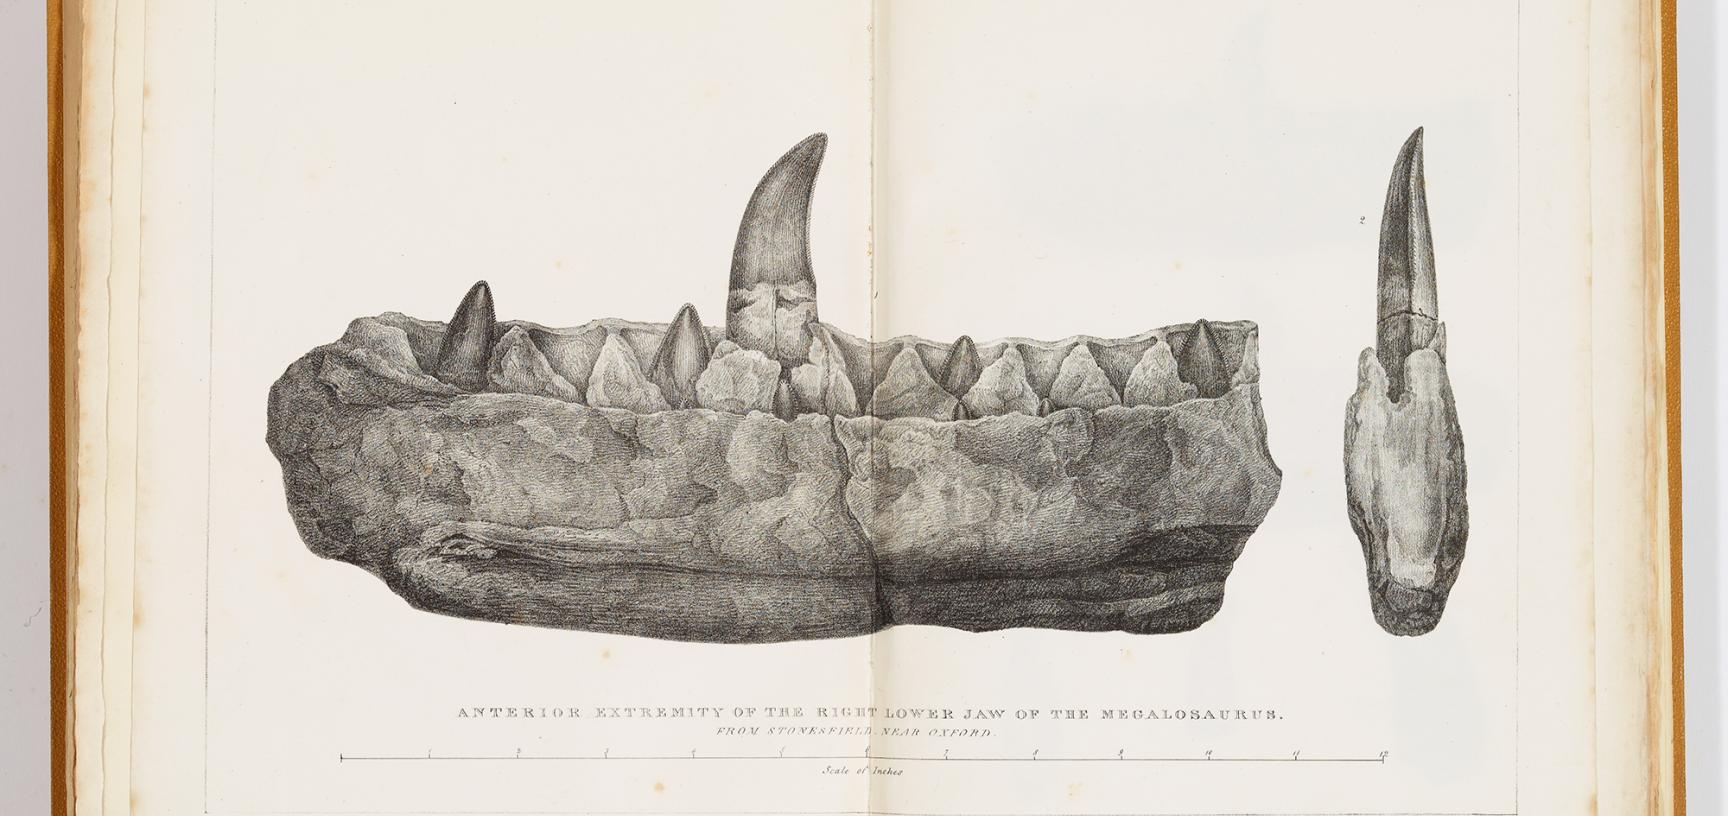 Megalosaurus illustration